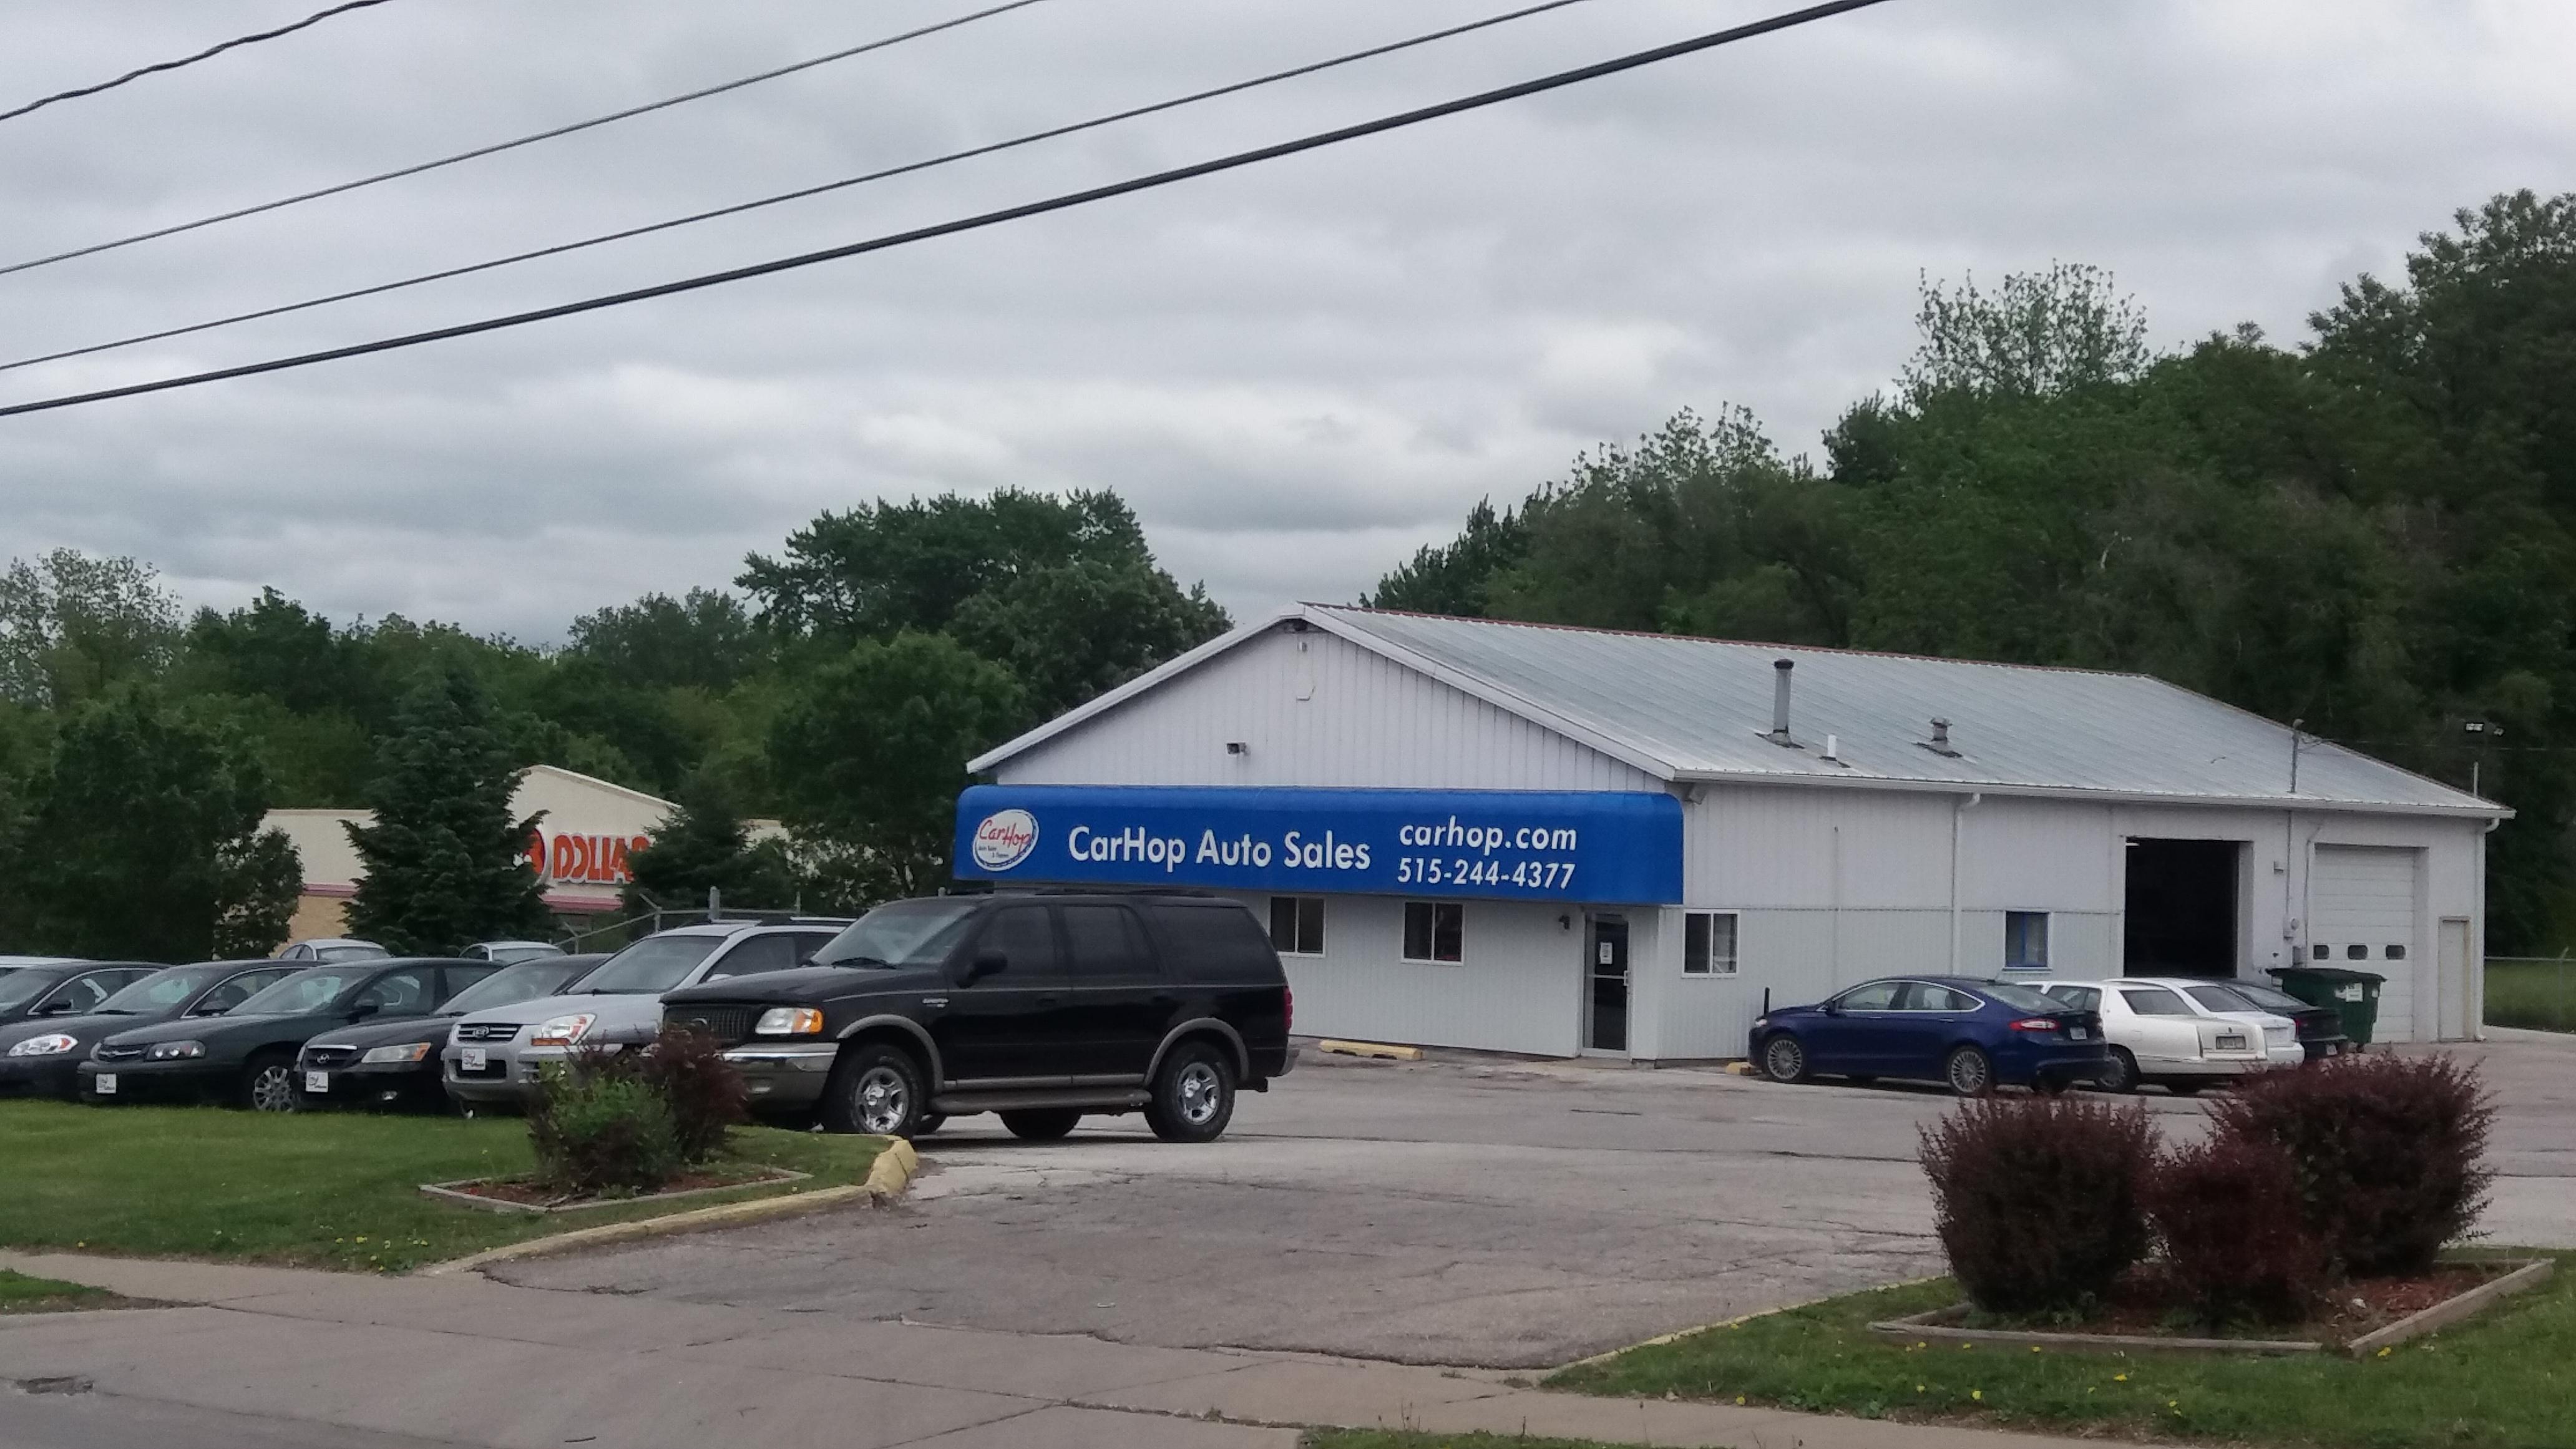 CarHop Auto Sales & Finance Car Dealer Des Moines IA